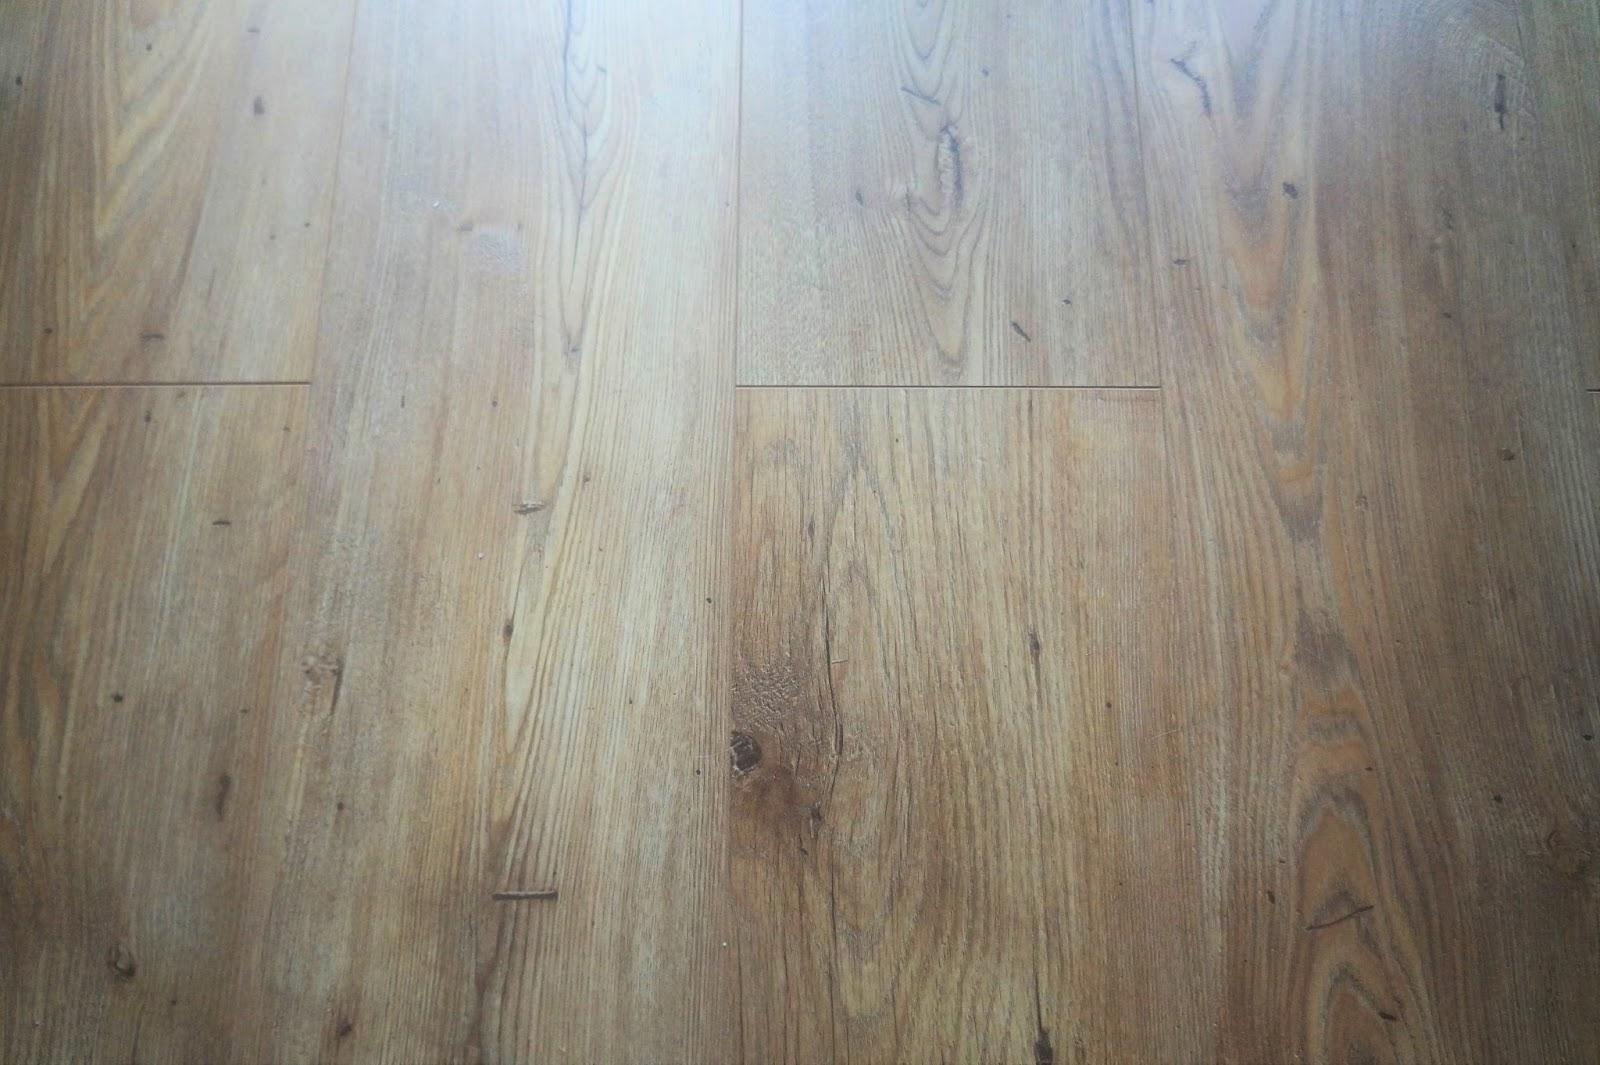 jak zamontować panele, panele podłogowe na ogrzewanie podłogowe